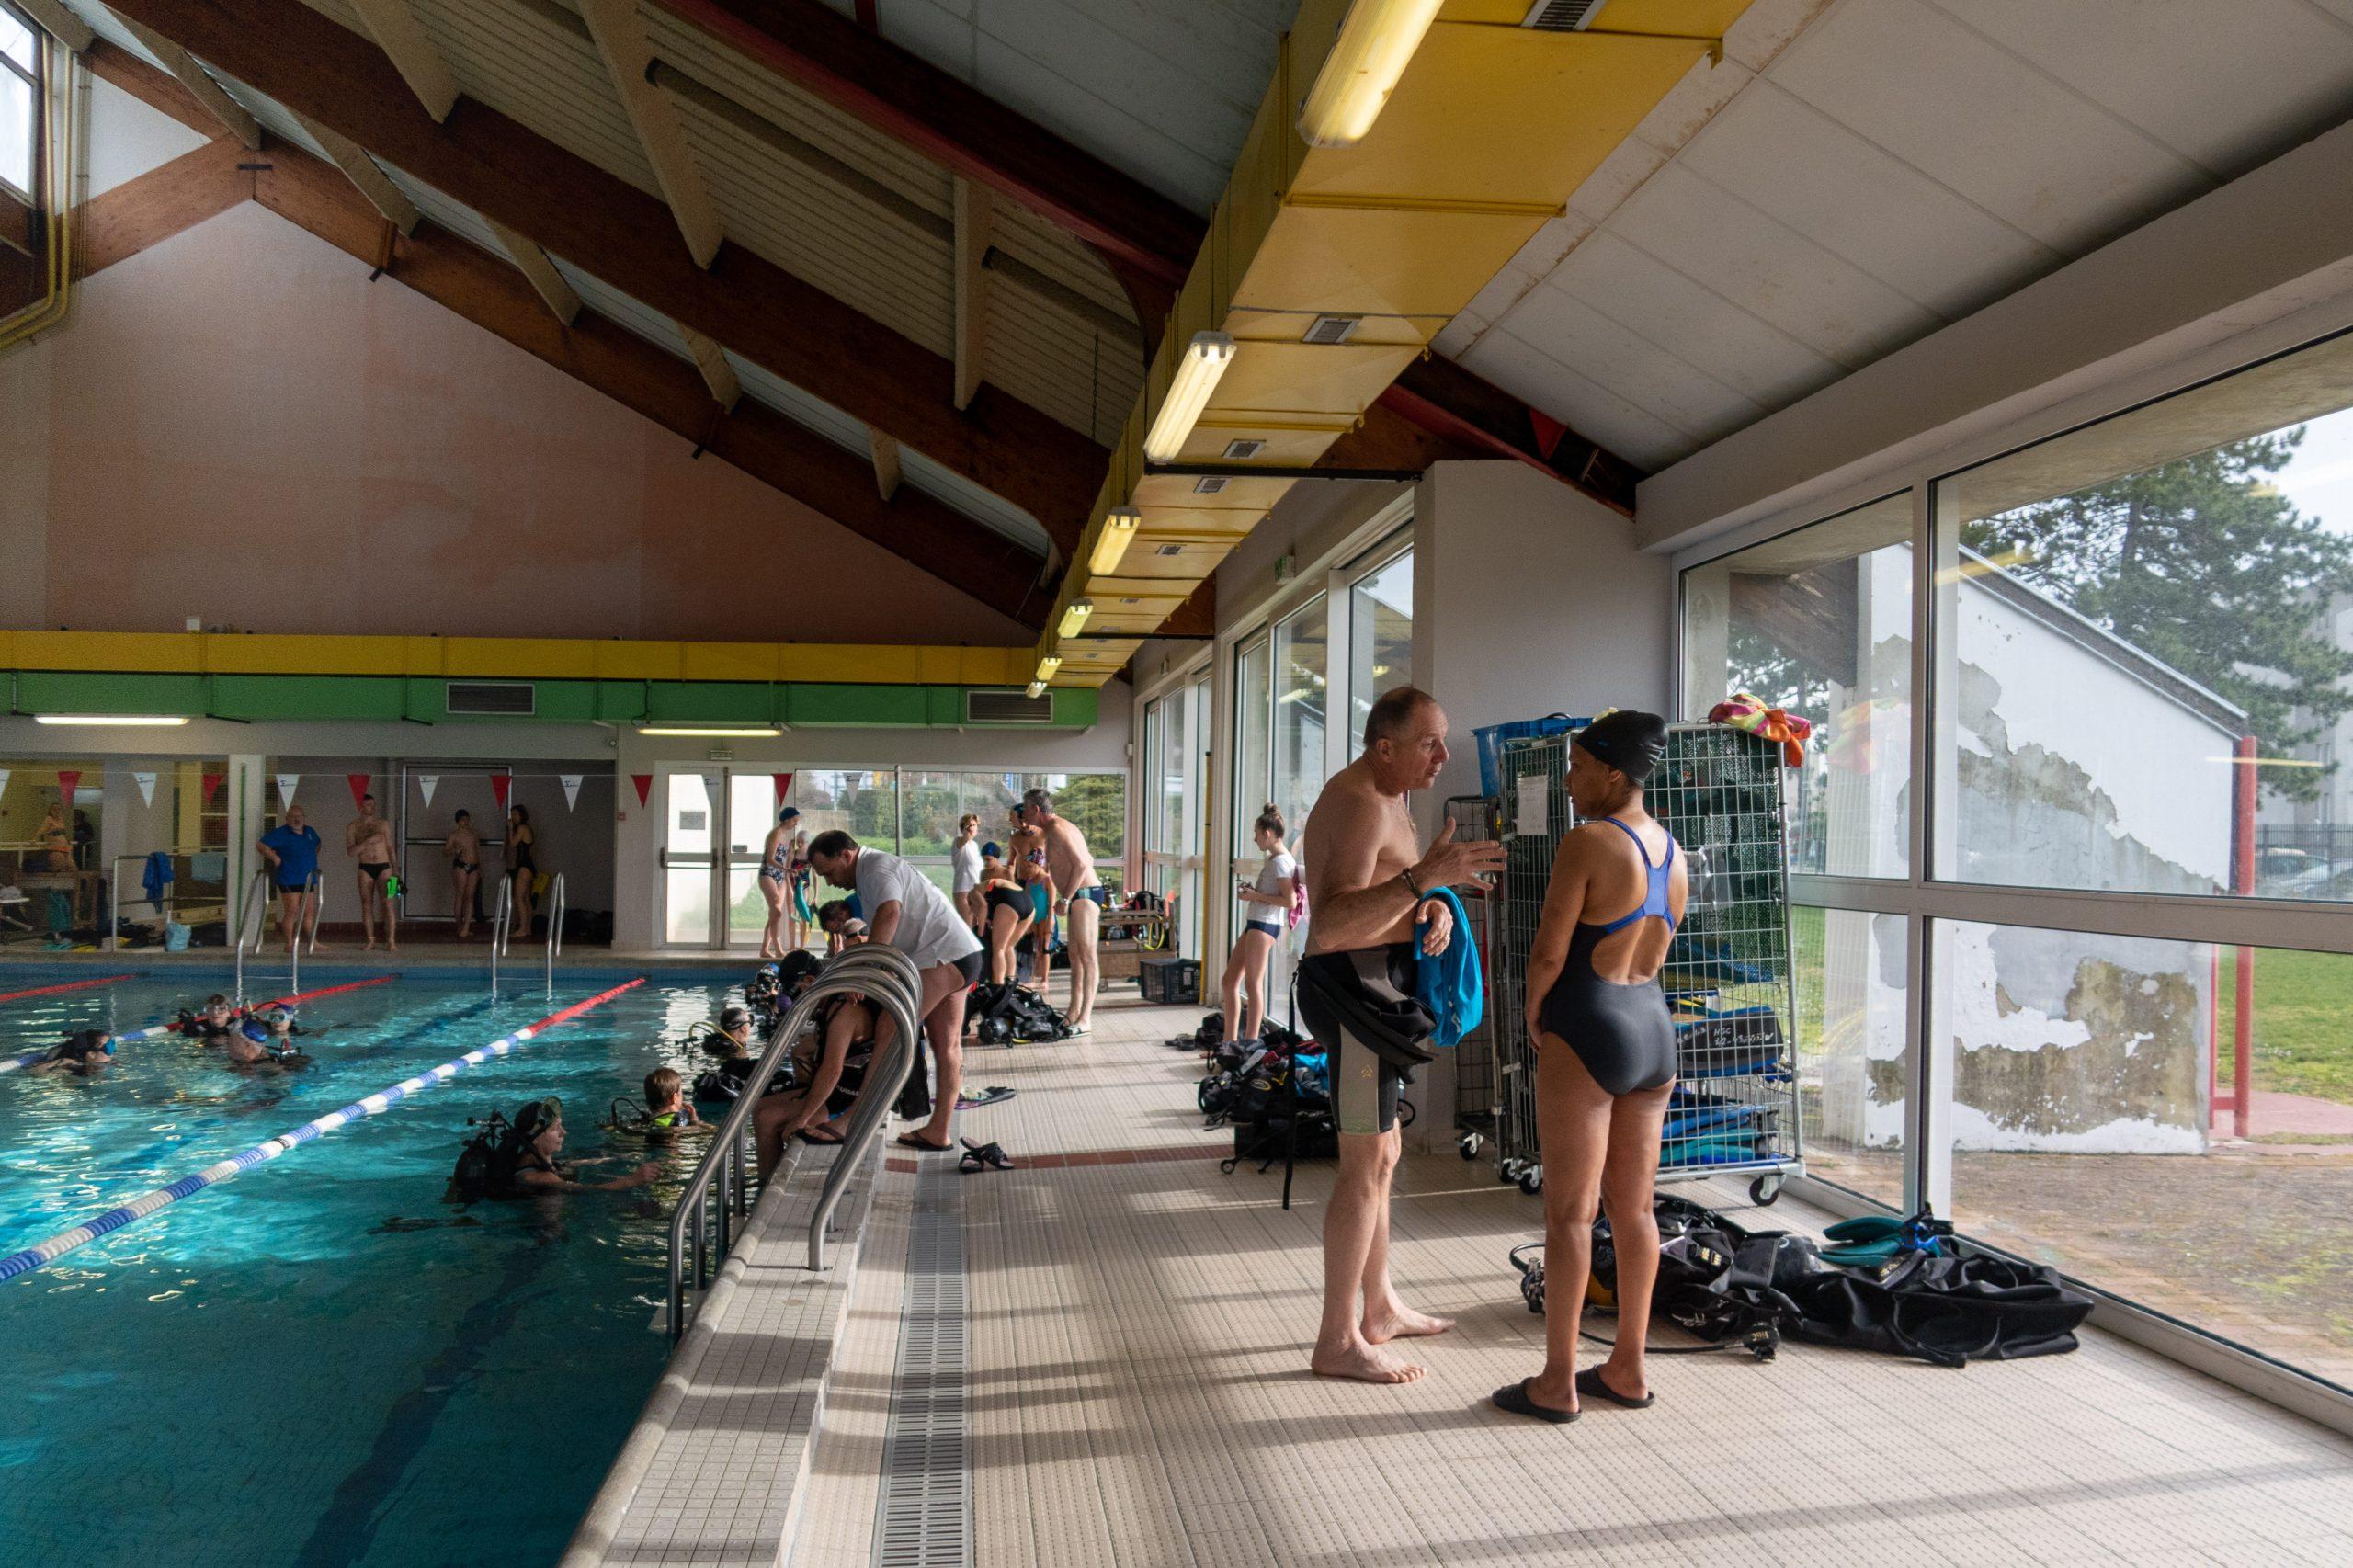 Piscine talleyrand reims - Horaires piscine reims thiolettes ...